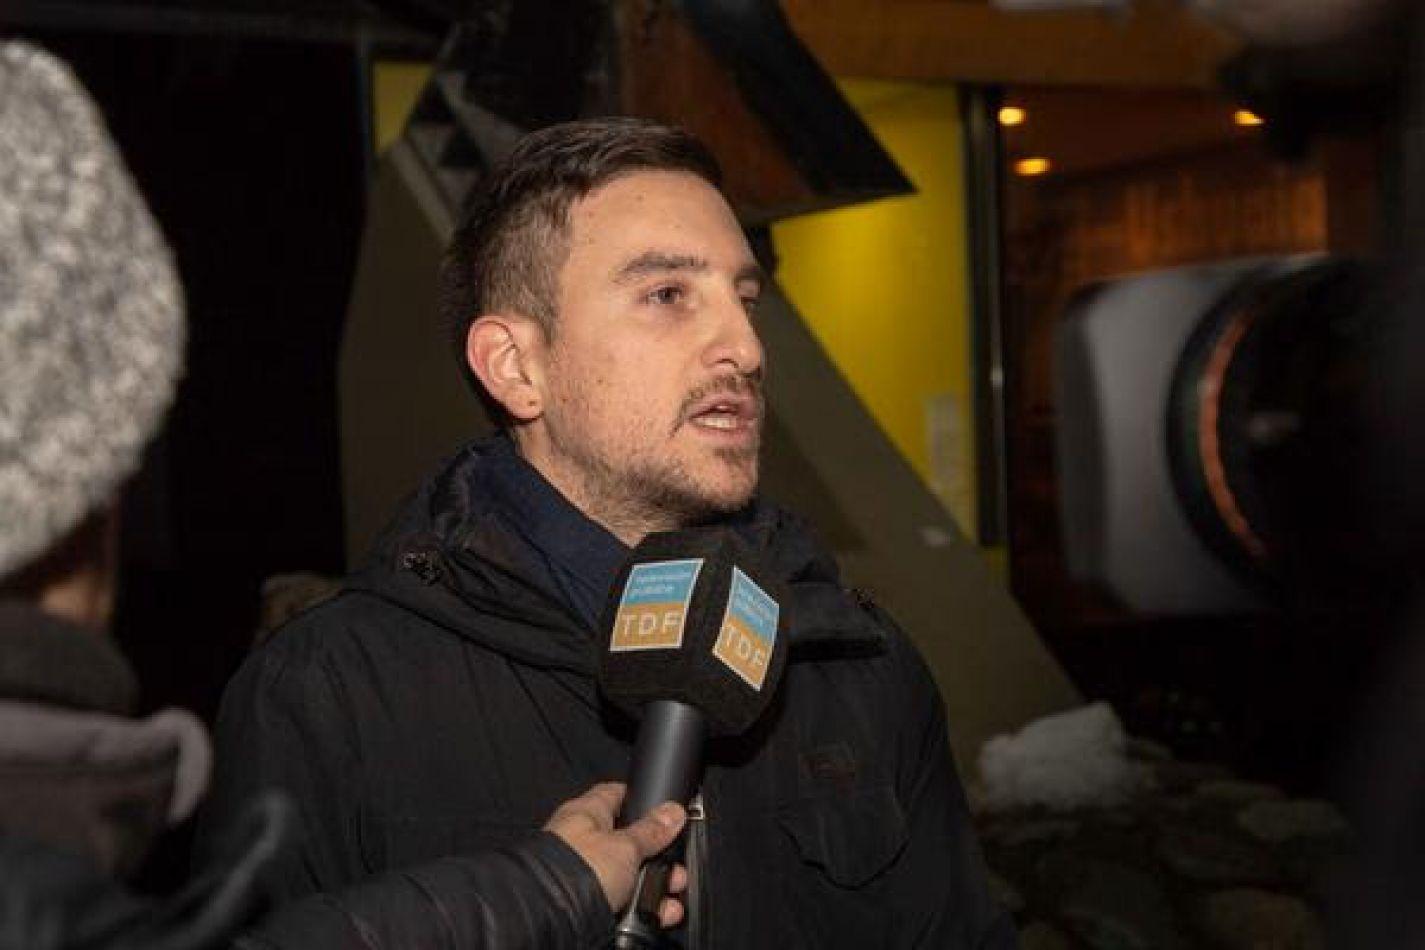 Seguridad Pública, Guillermo Granieri